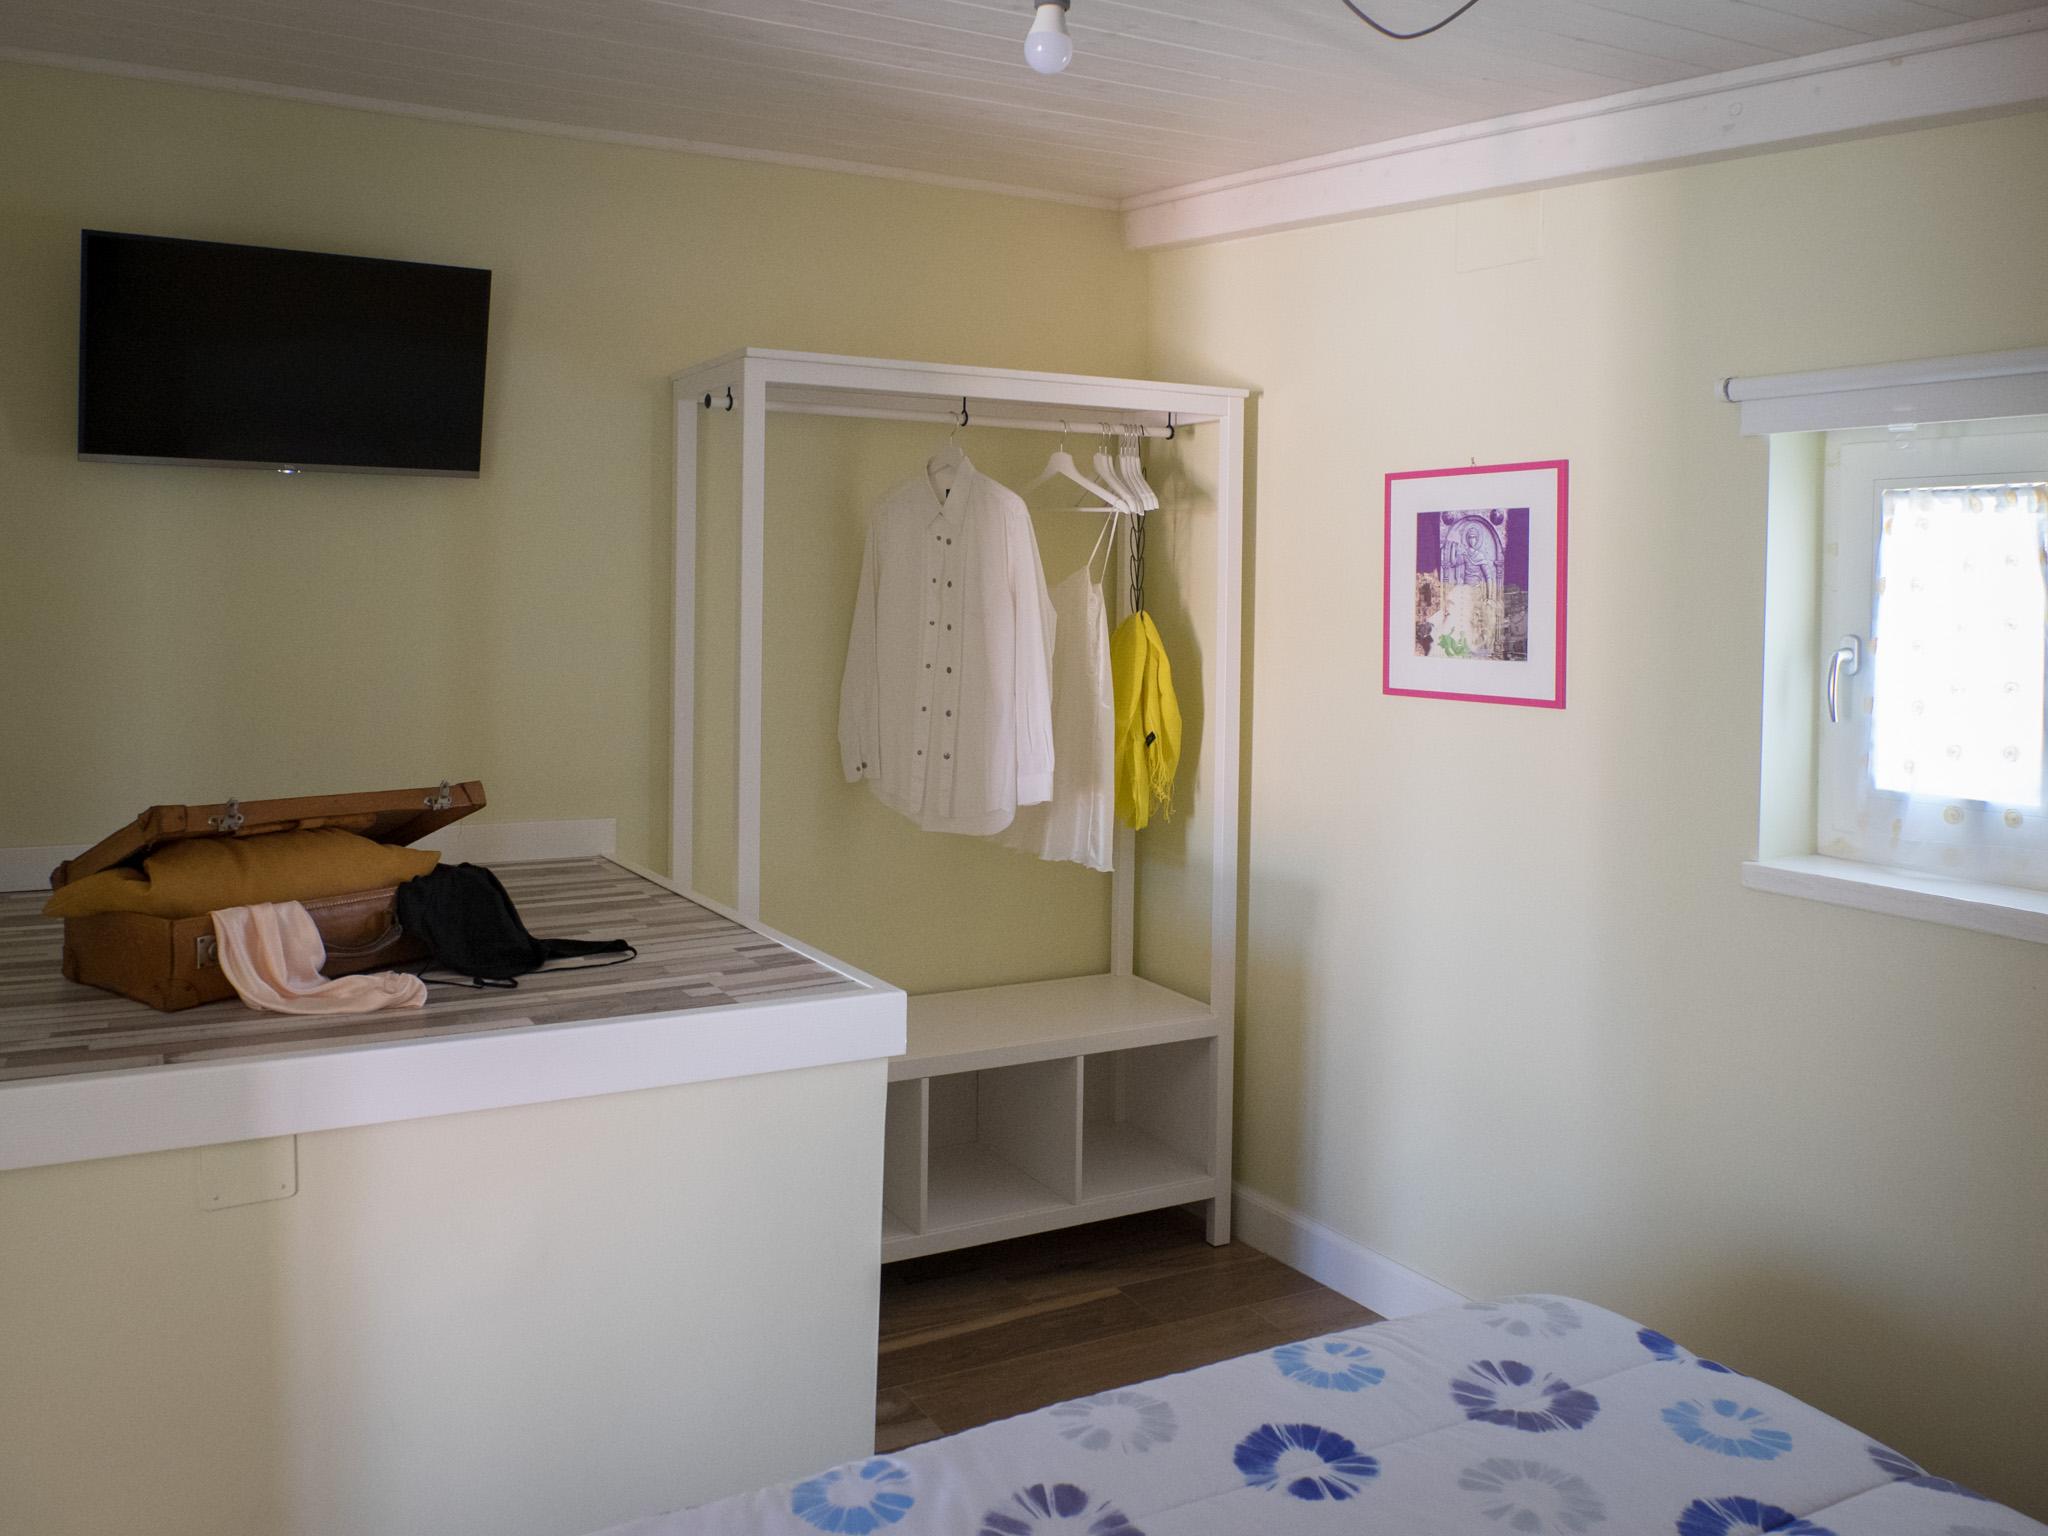 sanniti apartments la-casa-dei-nonni-casa-vacanze-bb-camere-dormire-sassi-di-matera-basilicata-31